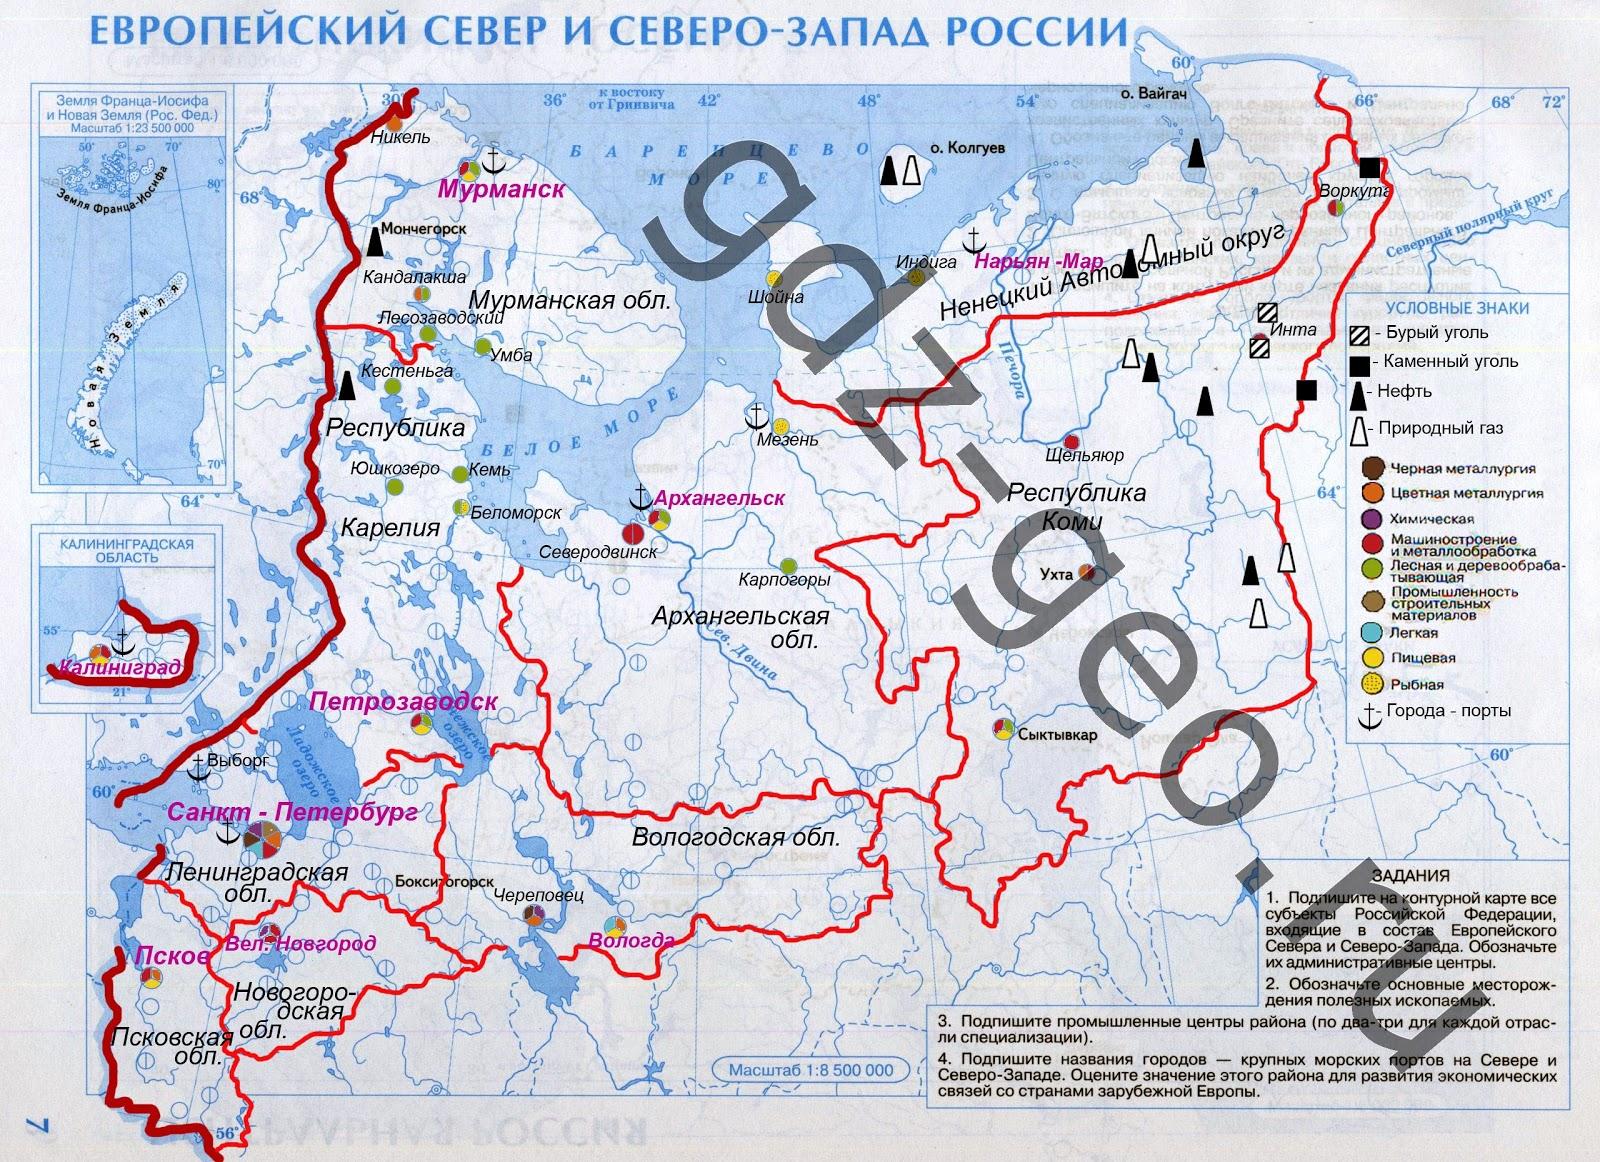 Гдз Контурная Карта 7 Класс по Географии Душина Летягин